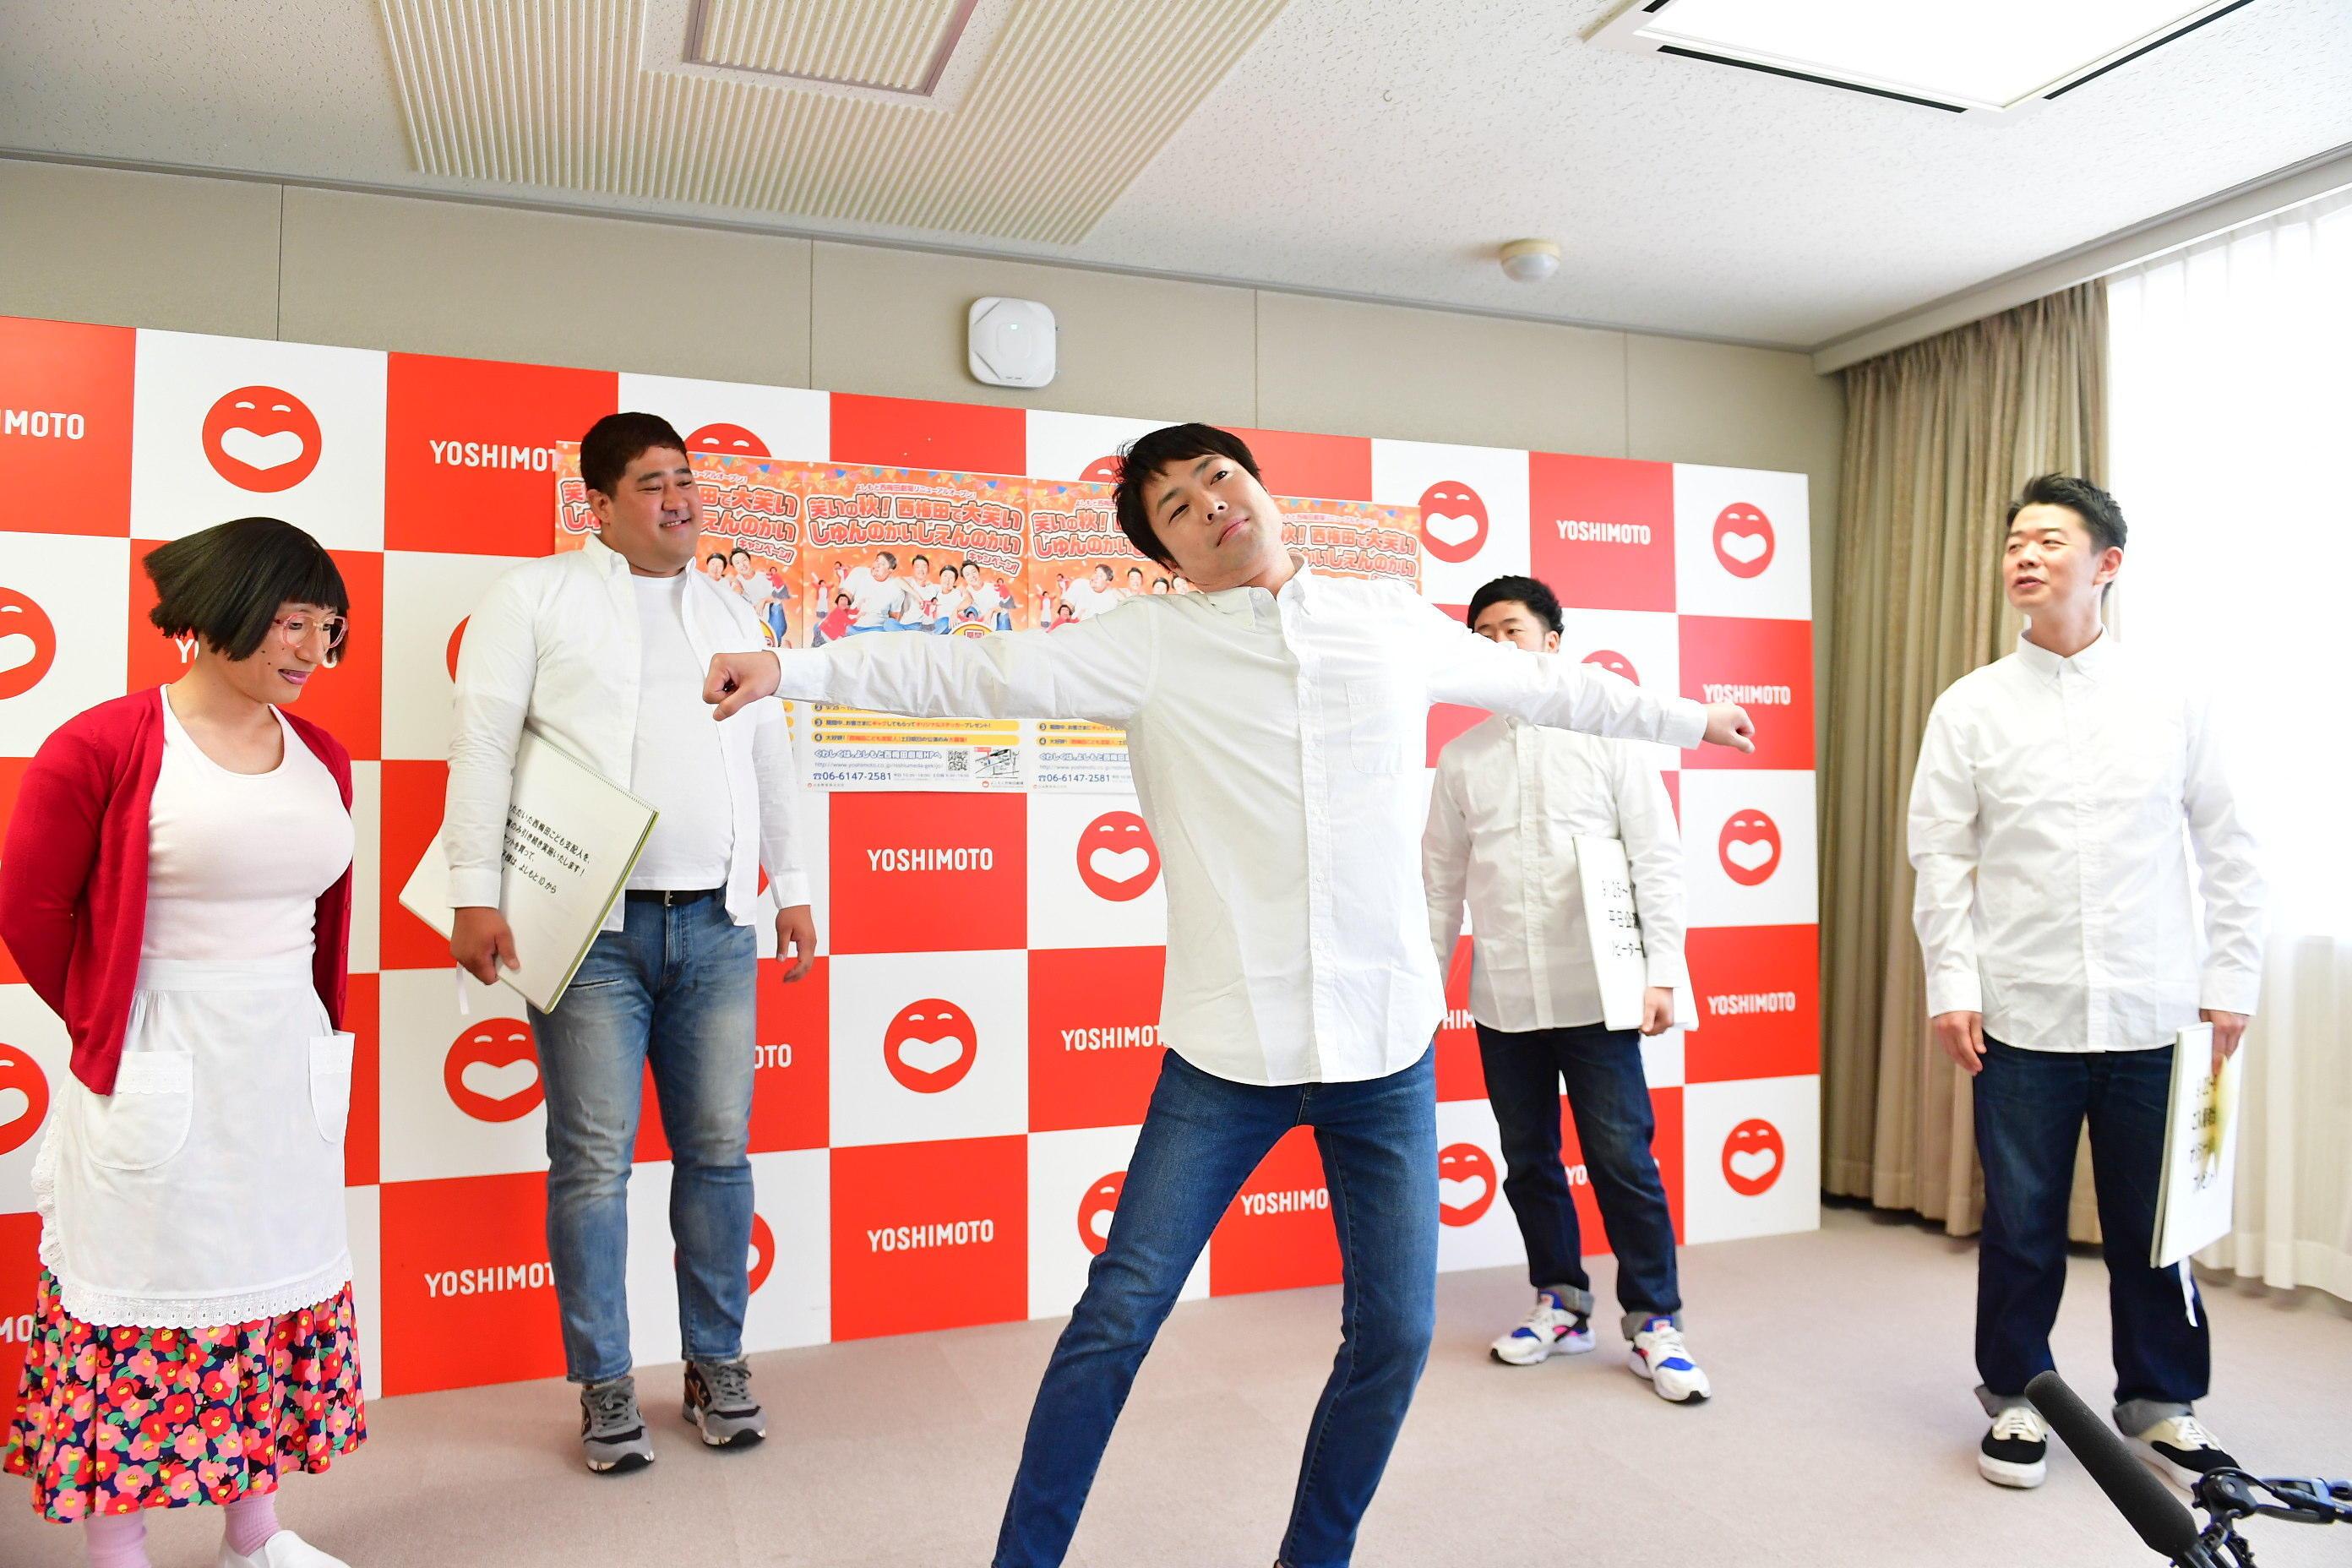 http://news.yoshimoto.co.jp/20180919161333-7e16dc780b4be0bf788f09ea0ebd1b360a3b9d43.jpg